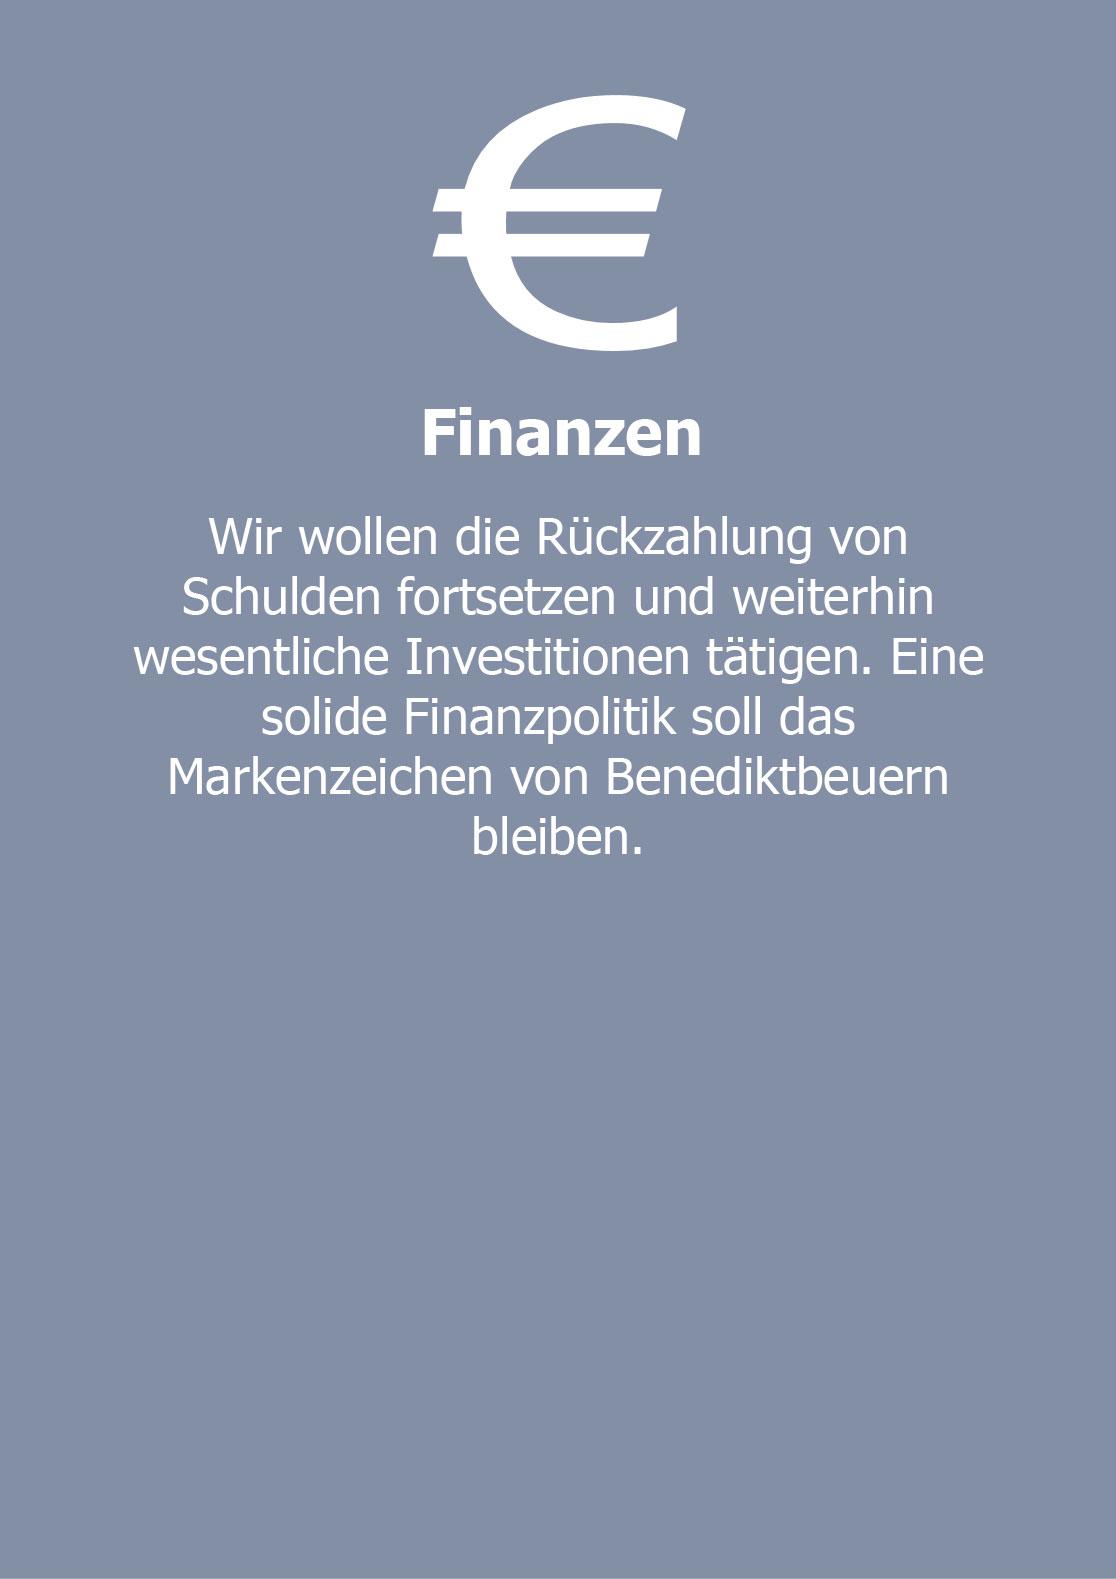 Finanzen  Wir wollen die Rückzahlung von Schulden fortsetzen und weiterhin wesentliche Investitionen tätigen. Eine solide Finanzpolitik soll  das Markenzeichen von Benediktbeuern bleiben.